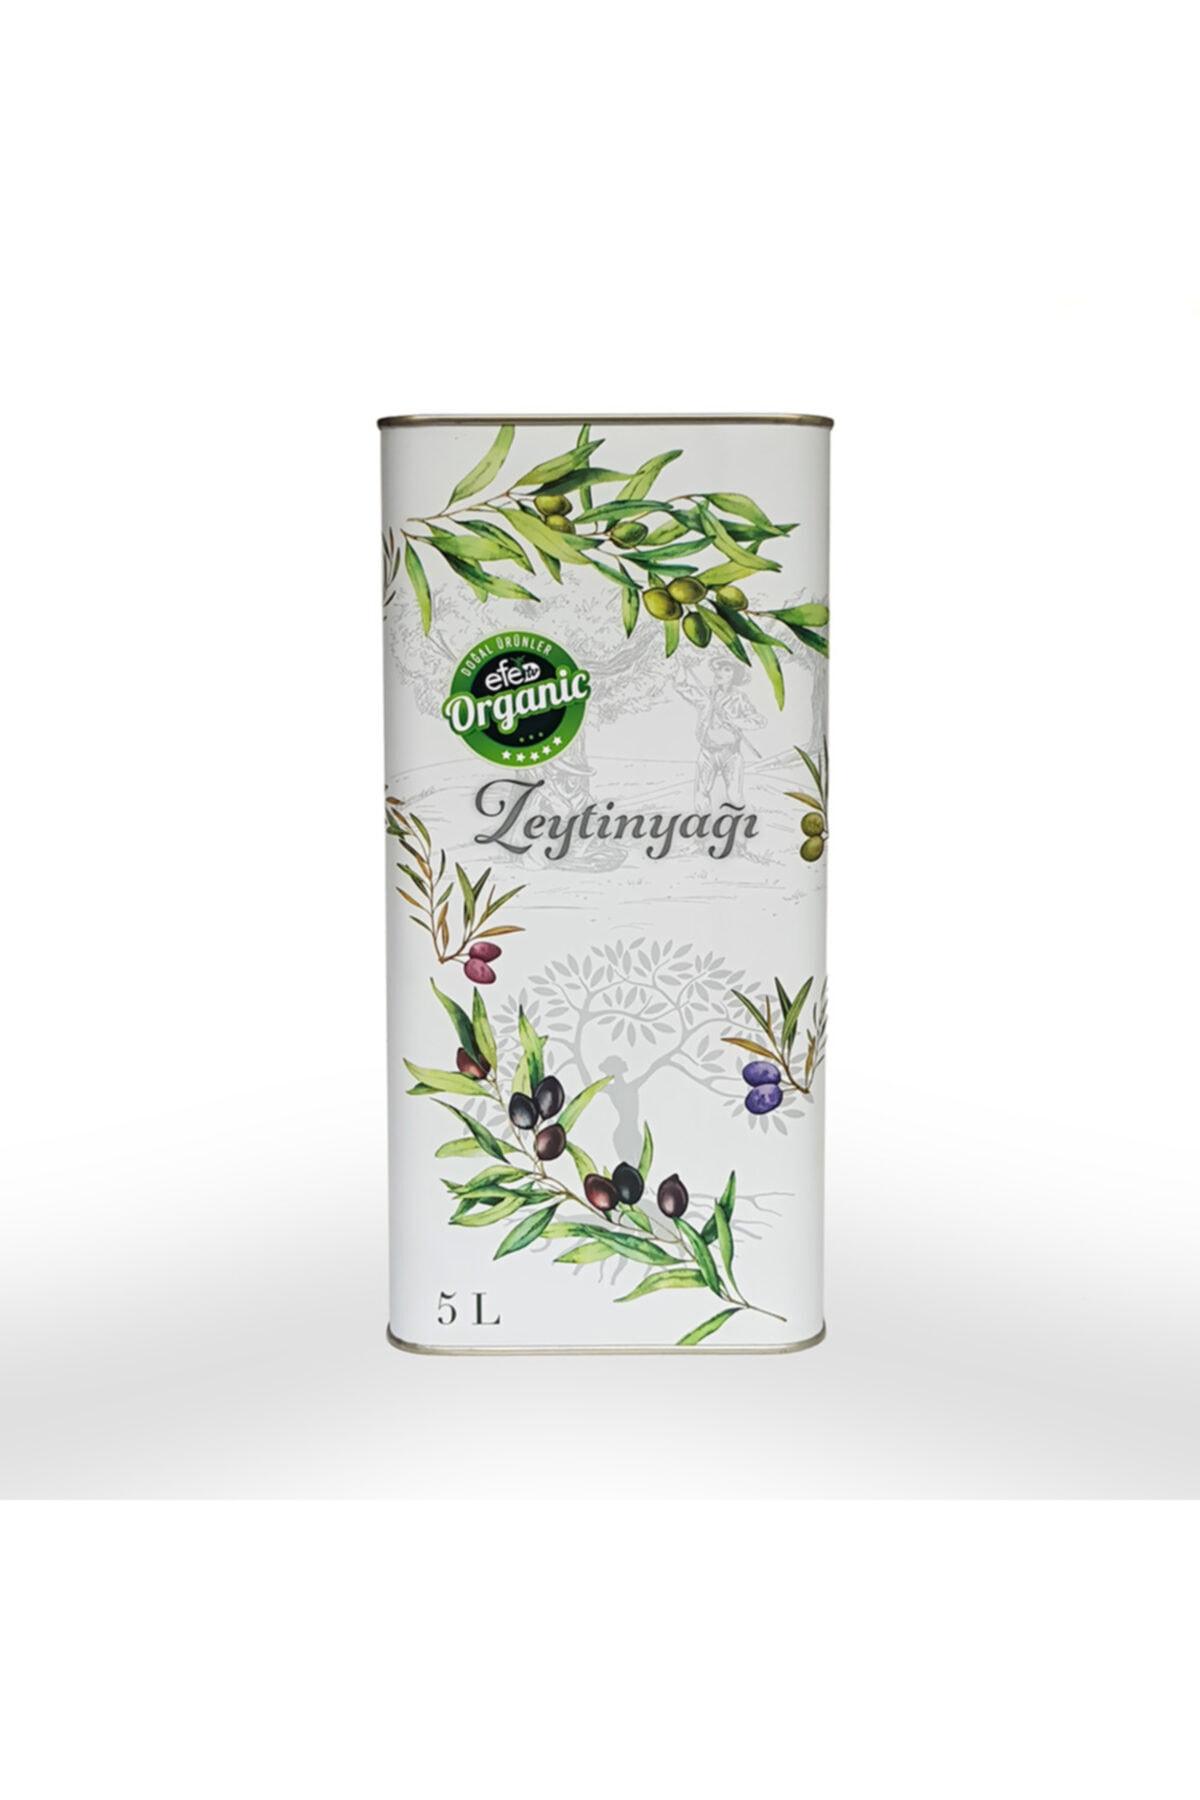 Efe Organik Efe Doğal Soğuk Sıkım Sızma Zeytin Yağı 5 Litre Teneke 1